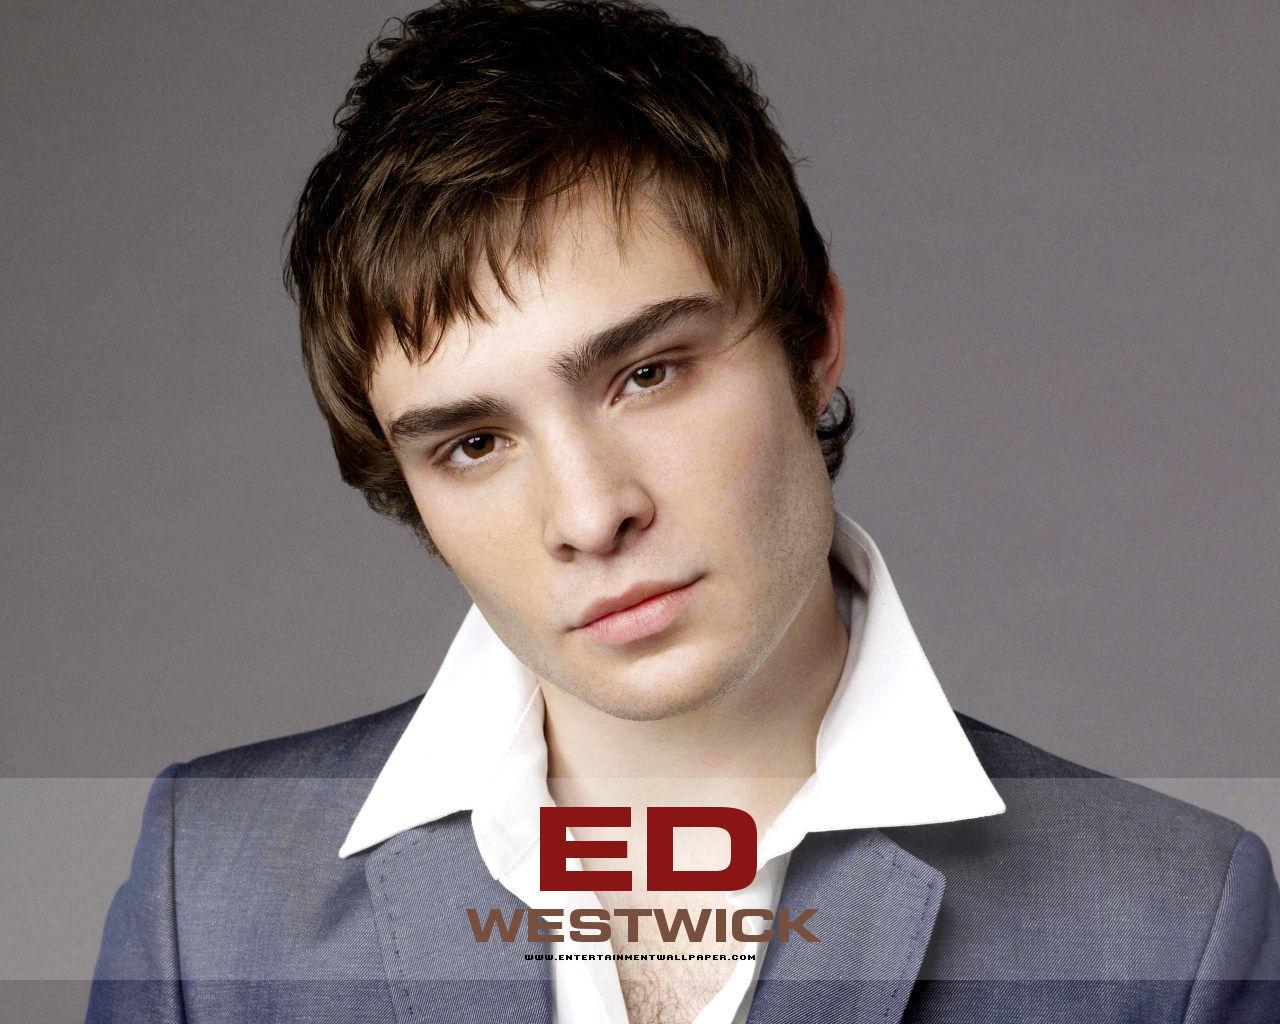 Ed westwick 2012